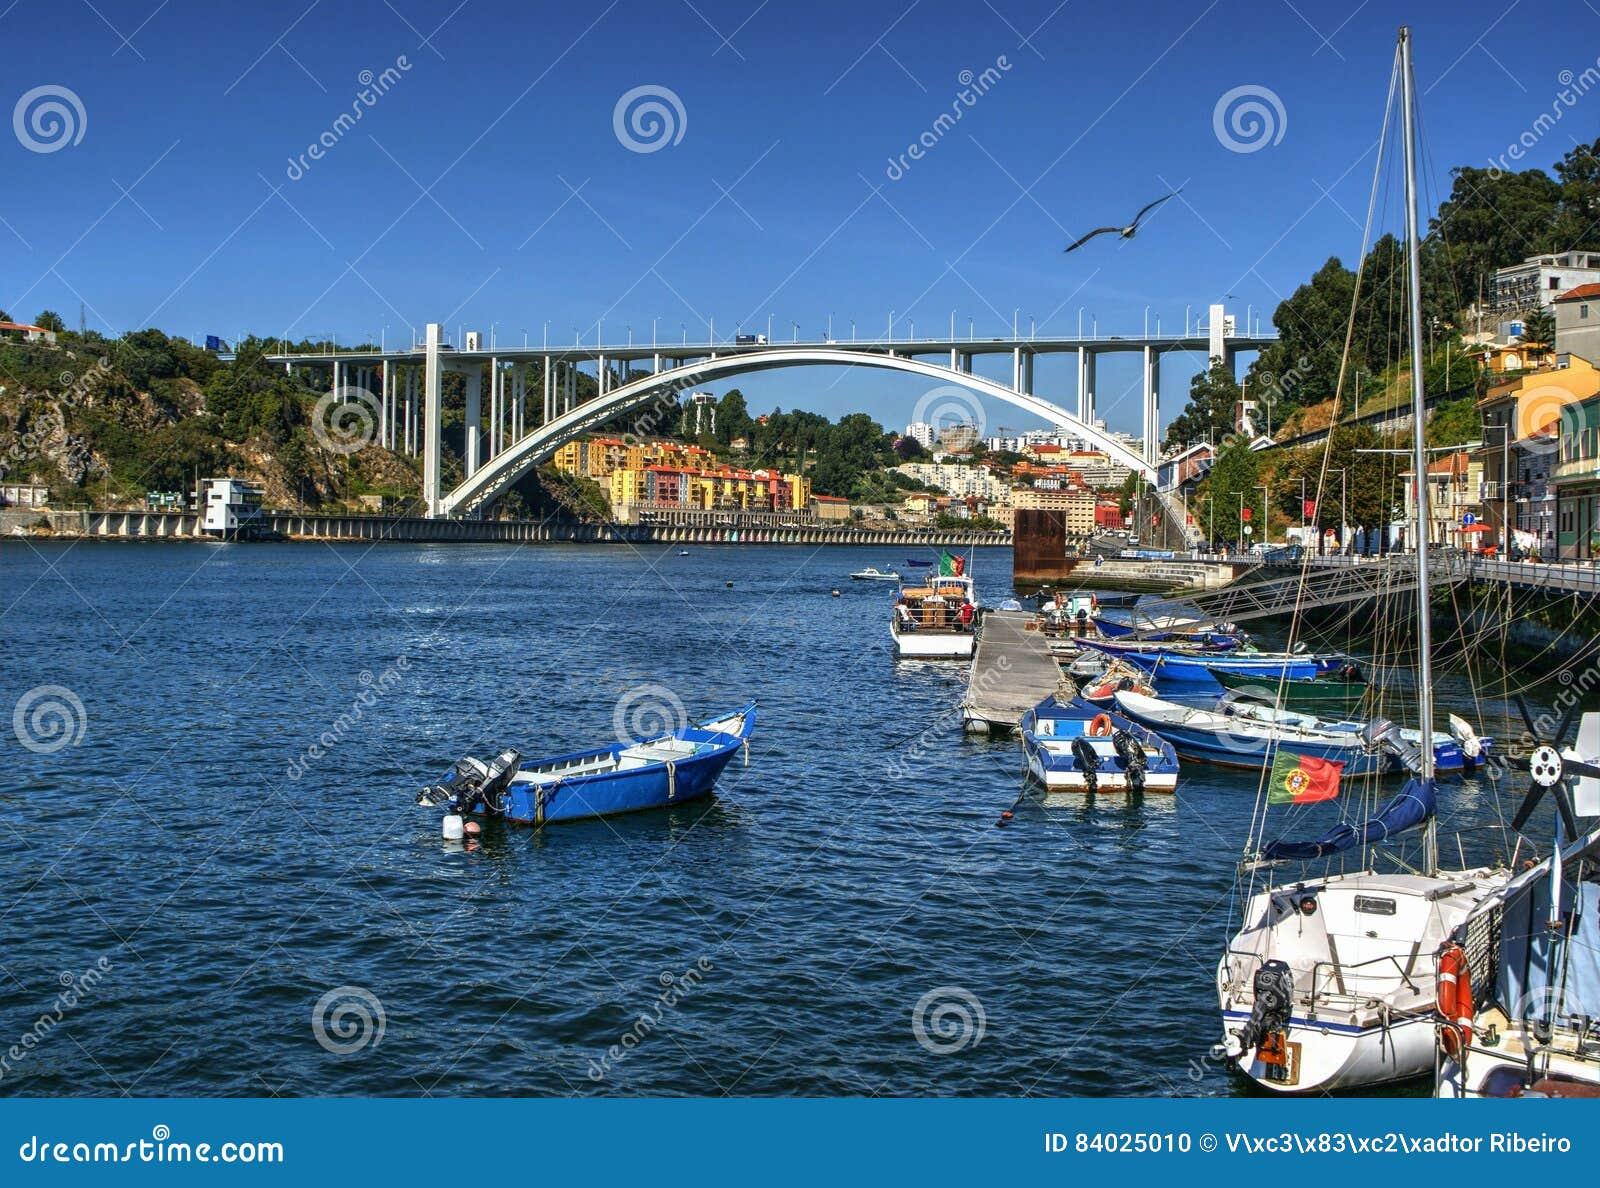 Arrabida bridge of Douro river in Porto